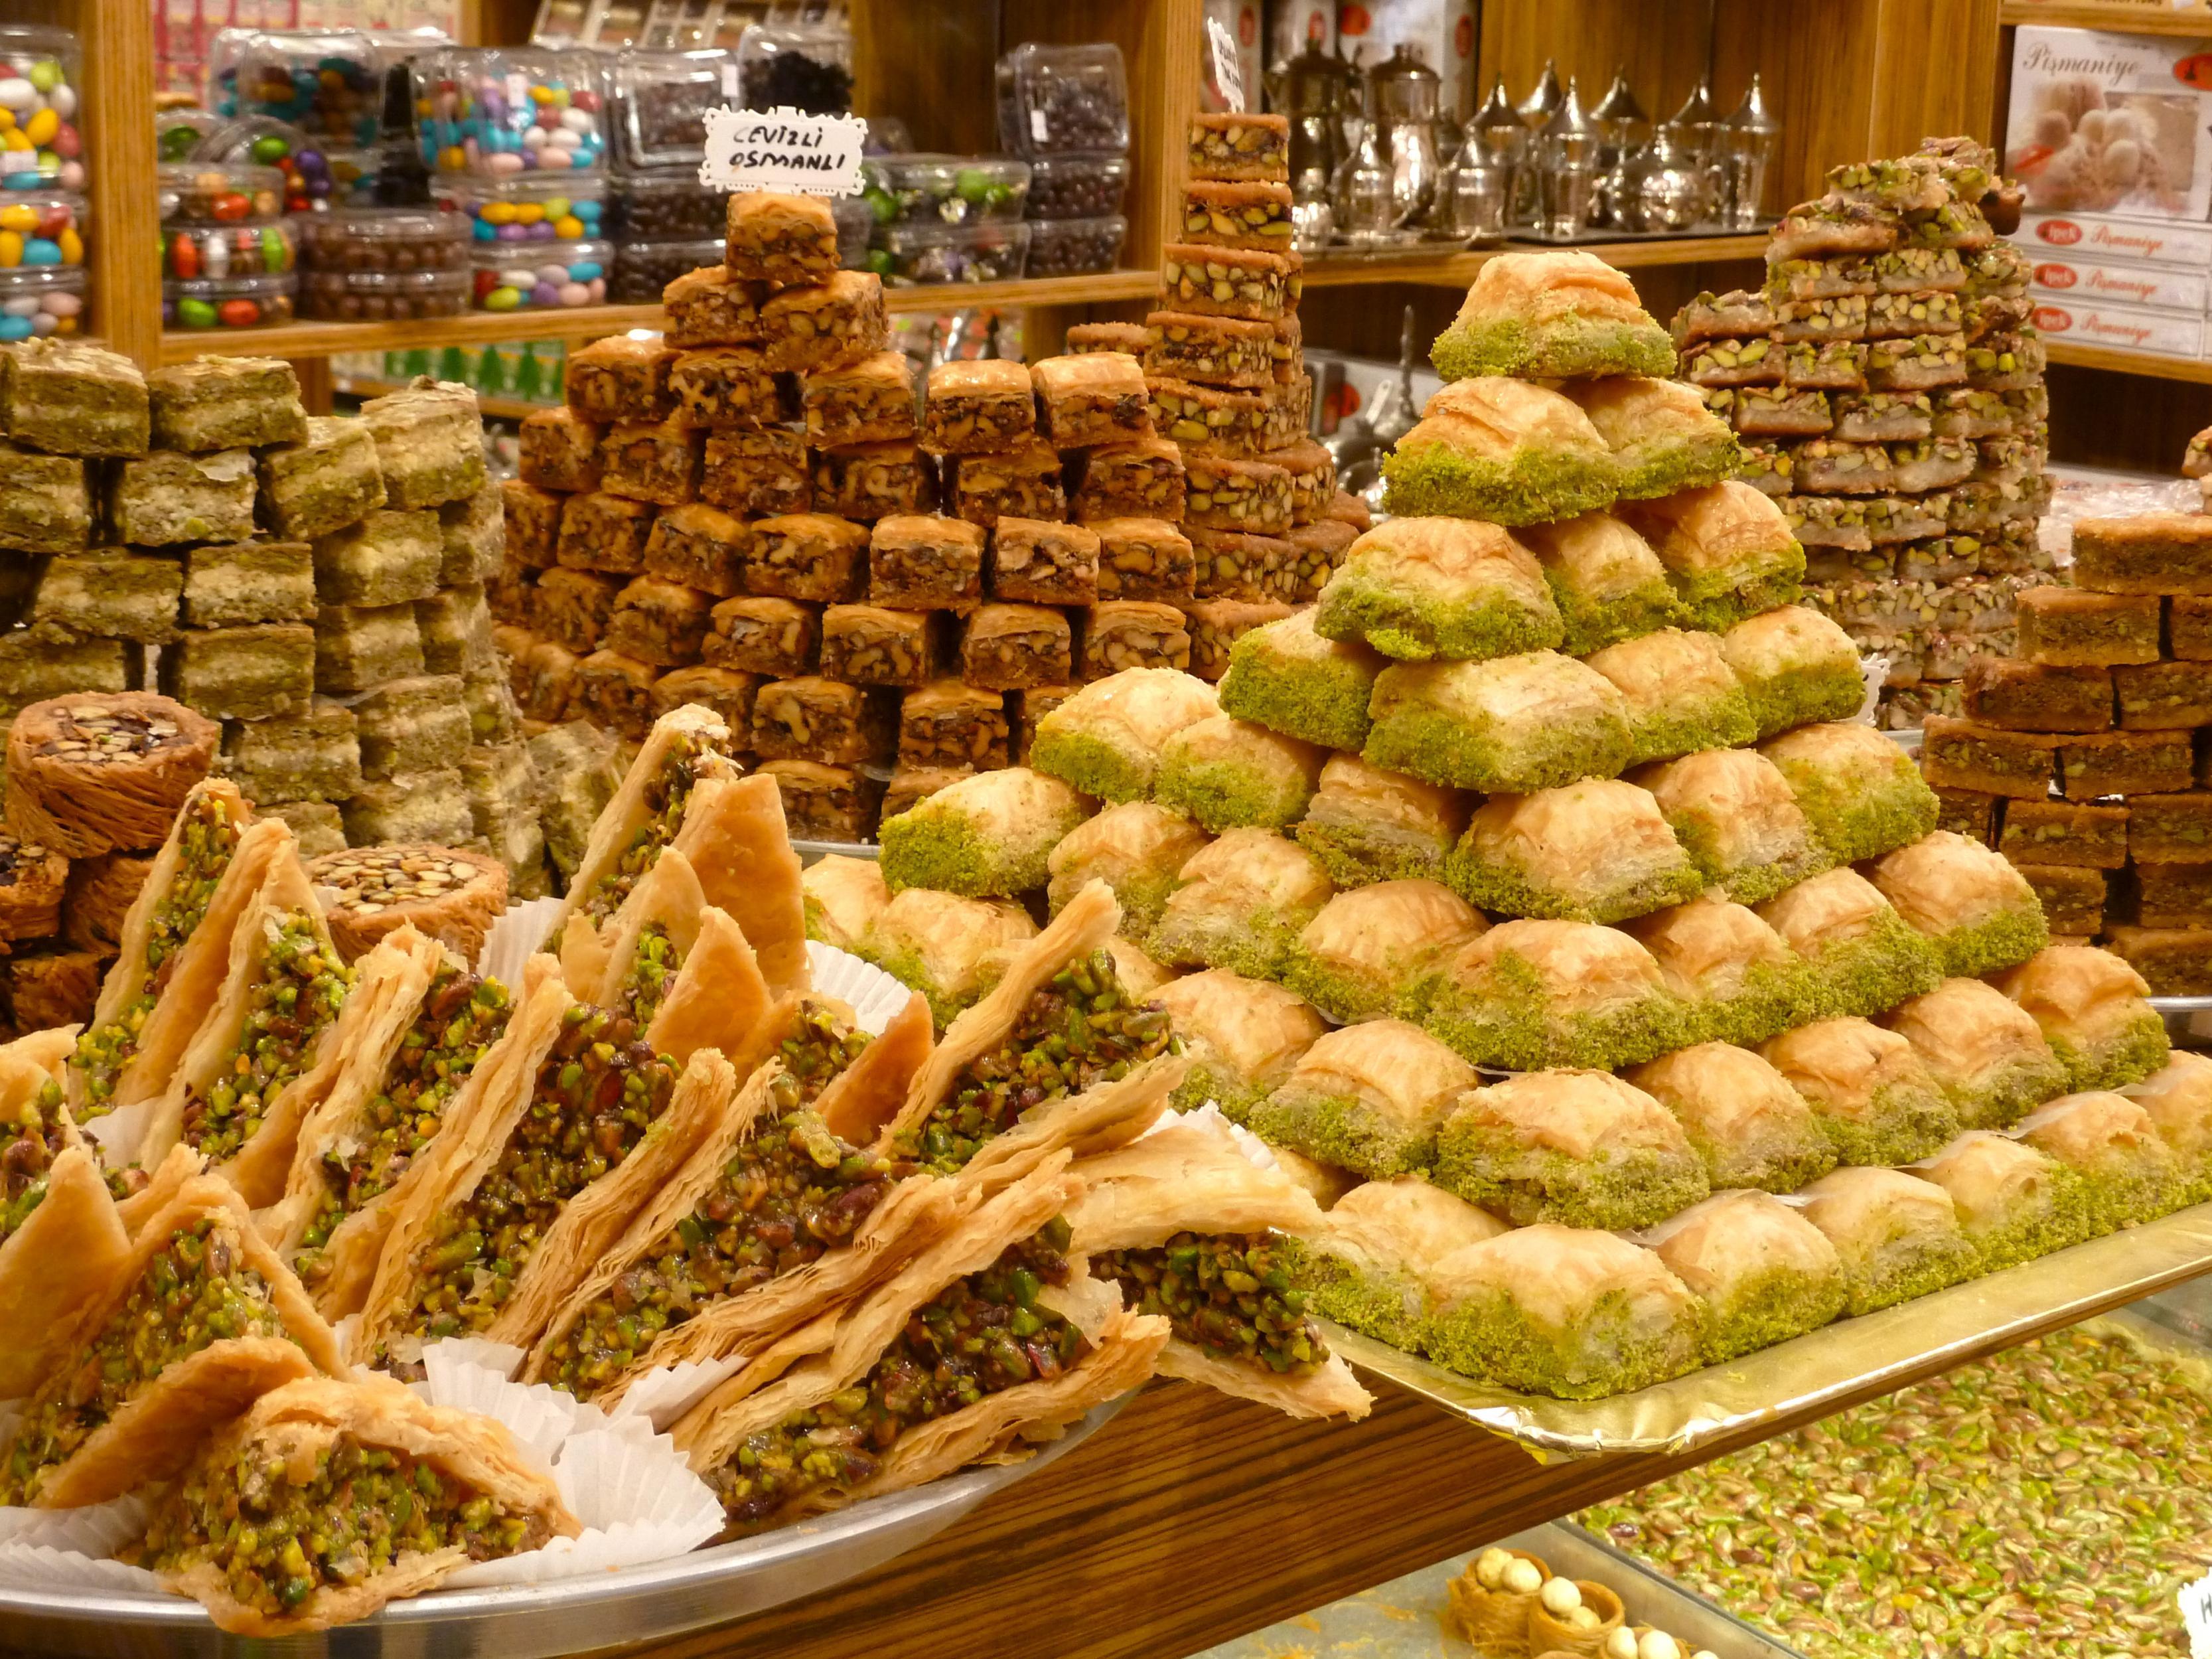 بالصور حلويات عربية , اجمل حلويات عربيه 784 10